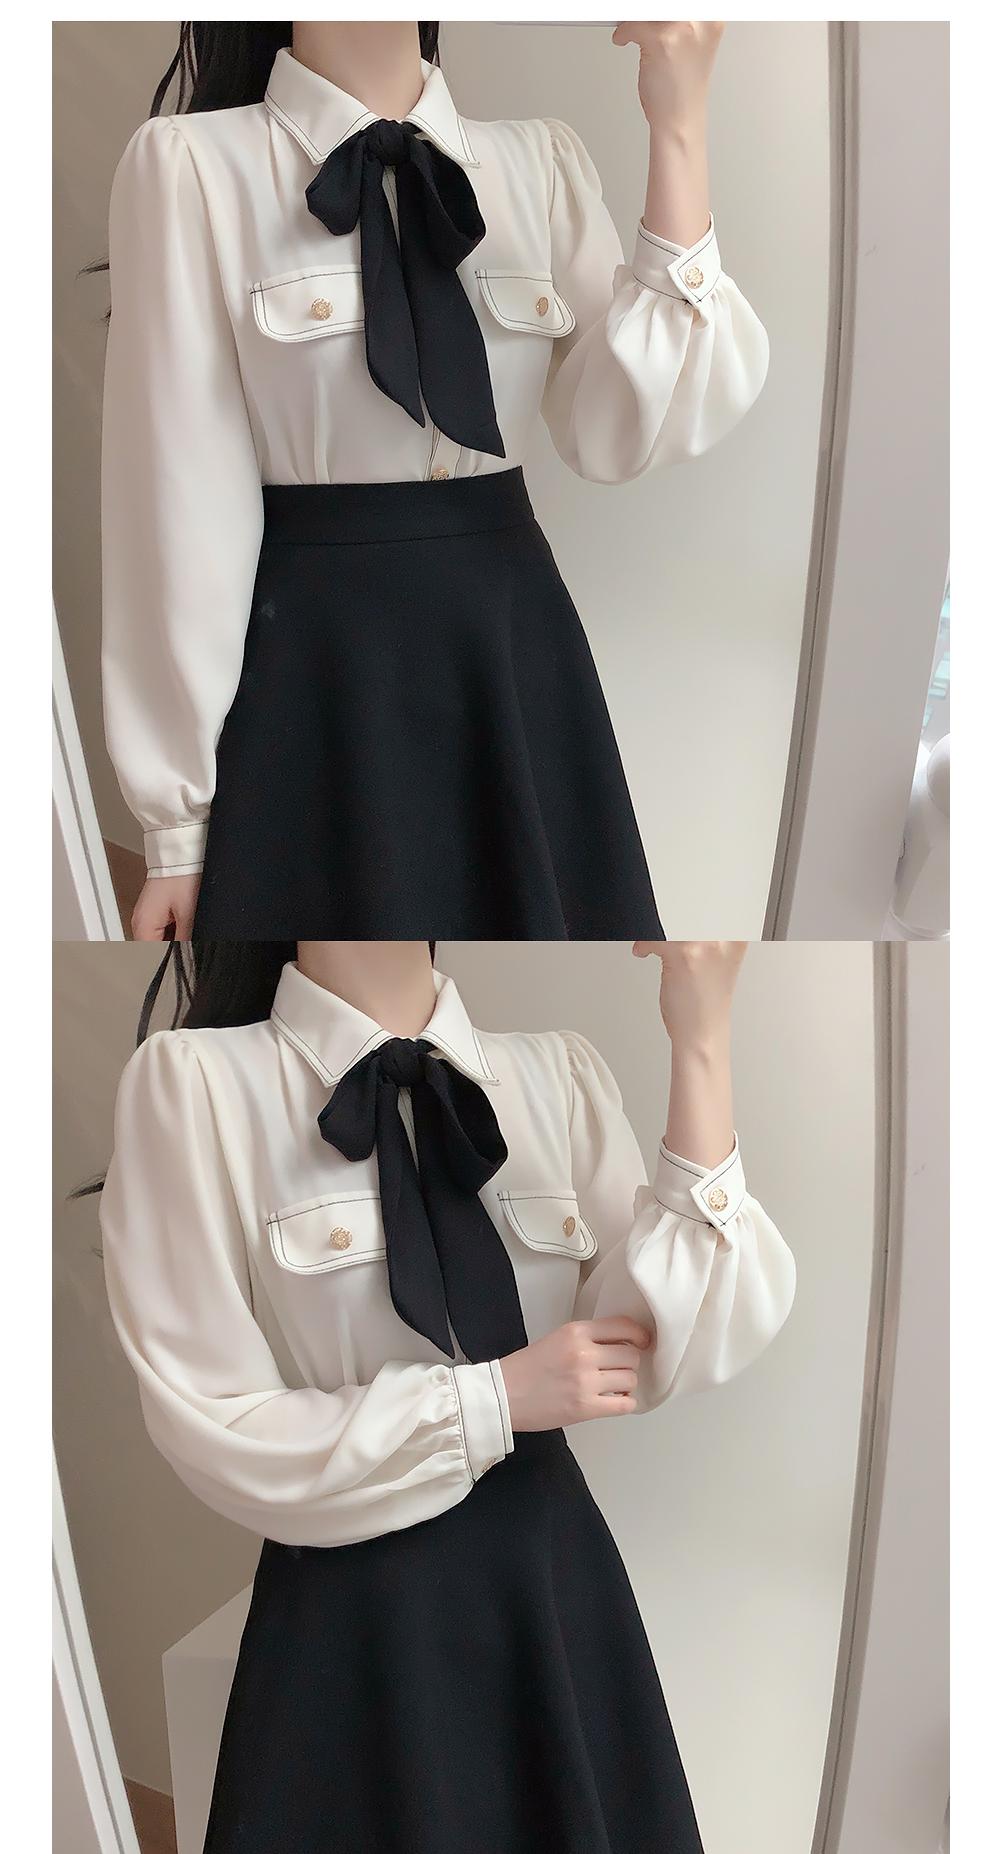 skirt model image-S1L5